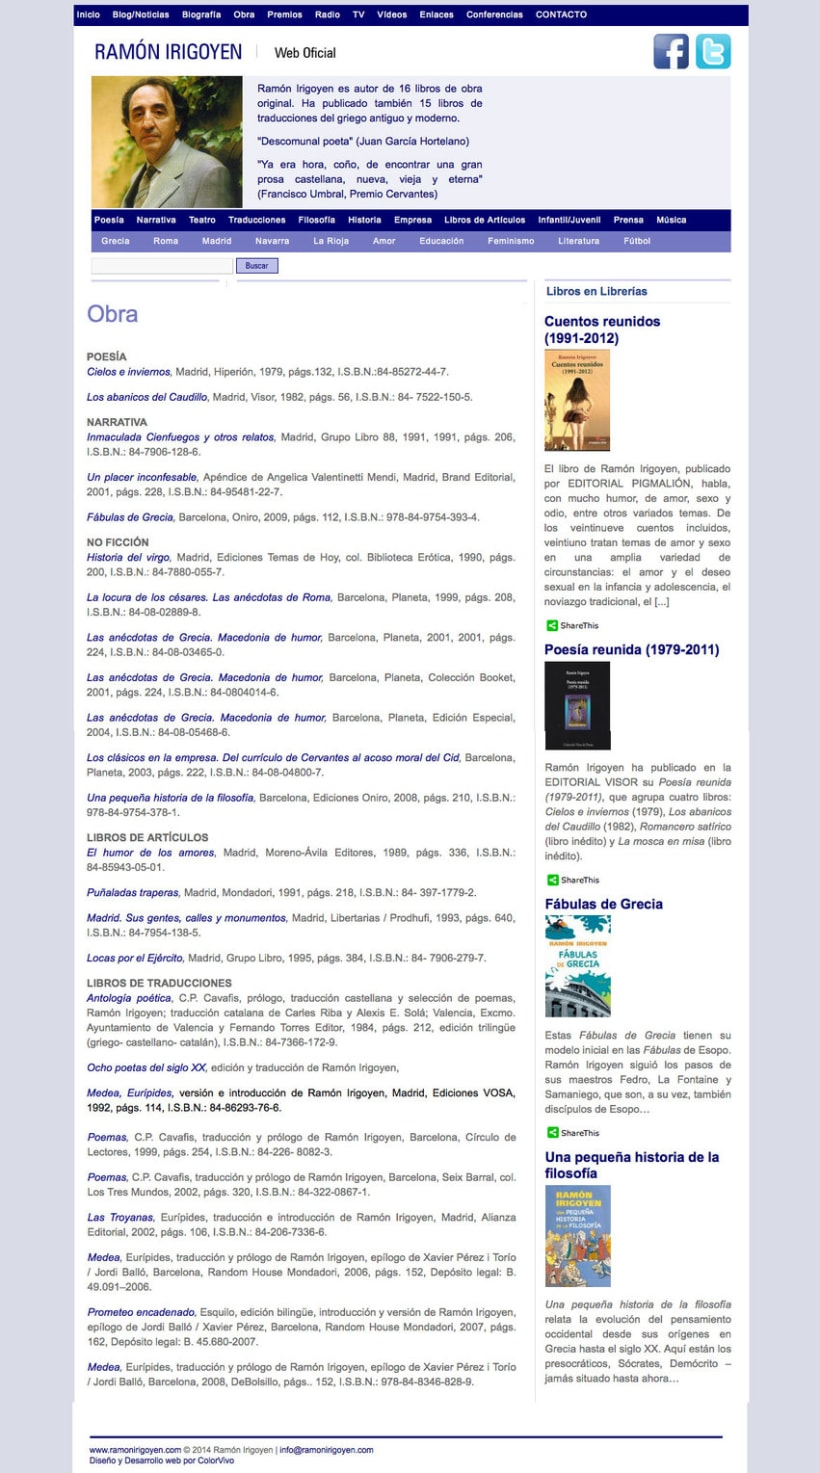 Ramón Irigoyen - Gestor de contenidos desarrollado para el escritor Ramón Irigoyen 1